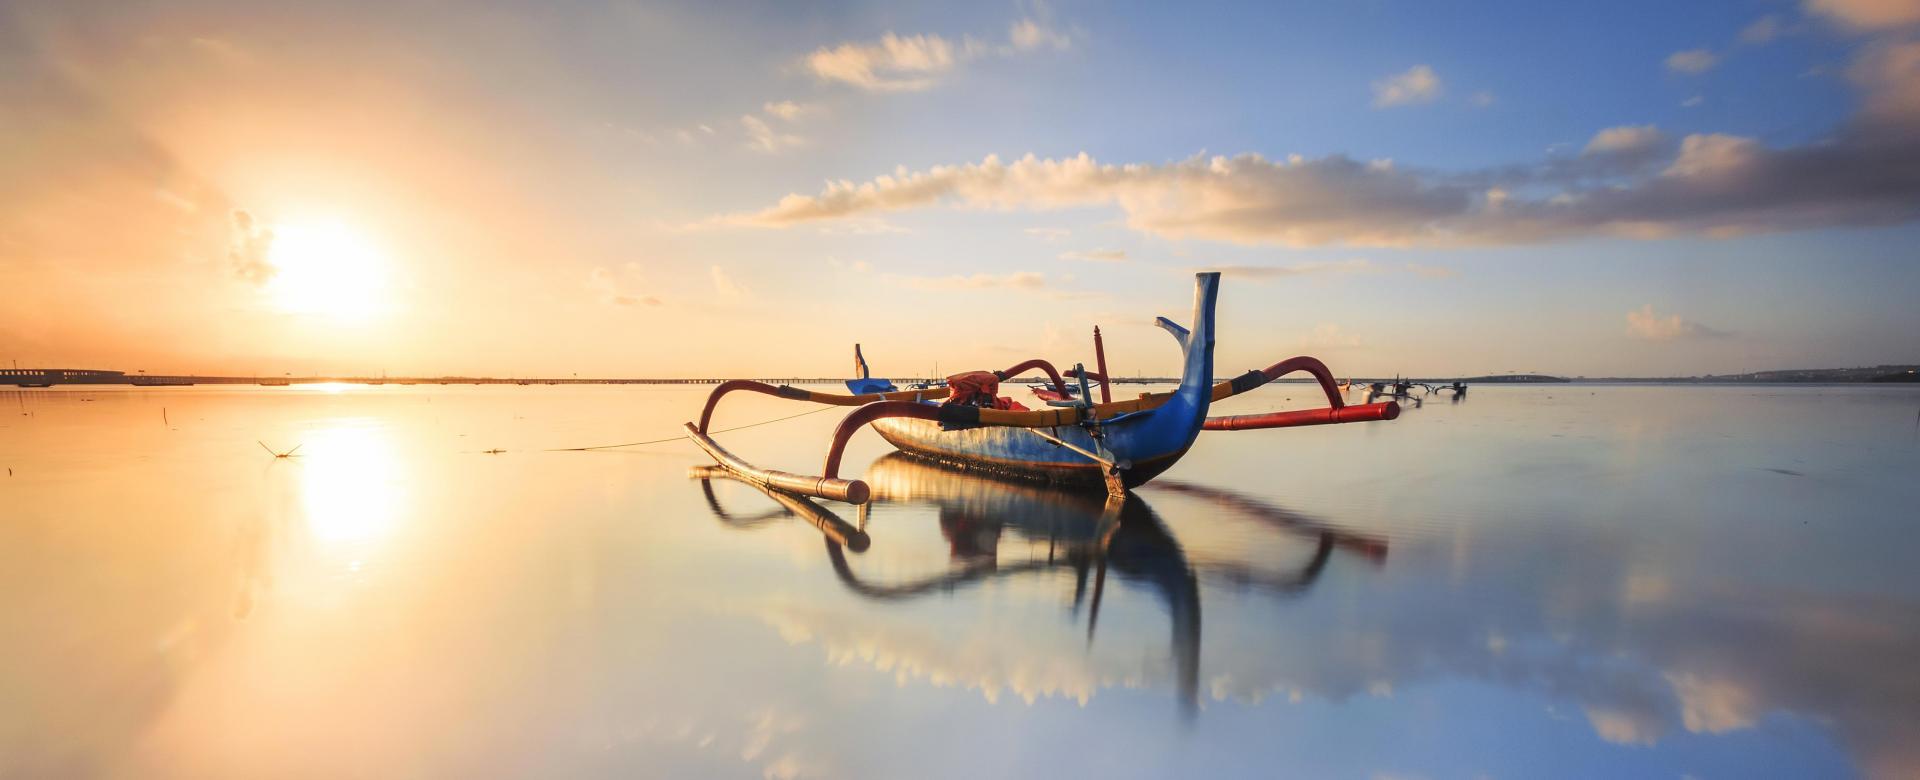 Voyage à pied : Bali et gili